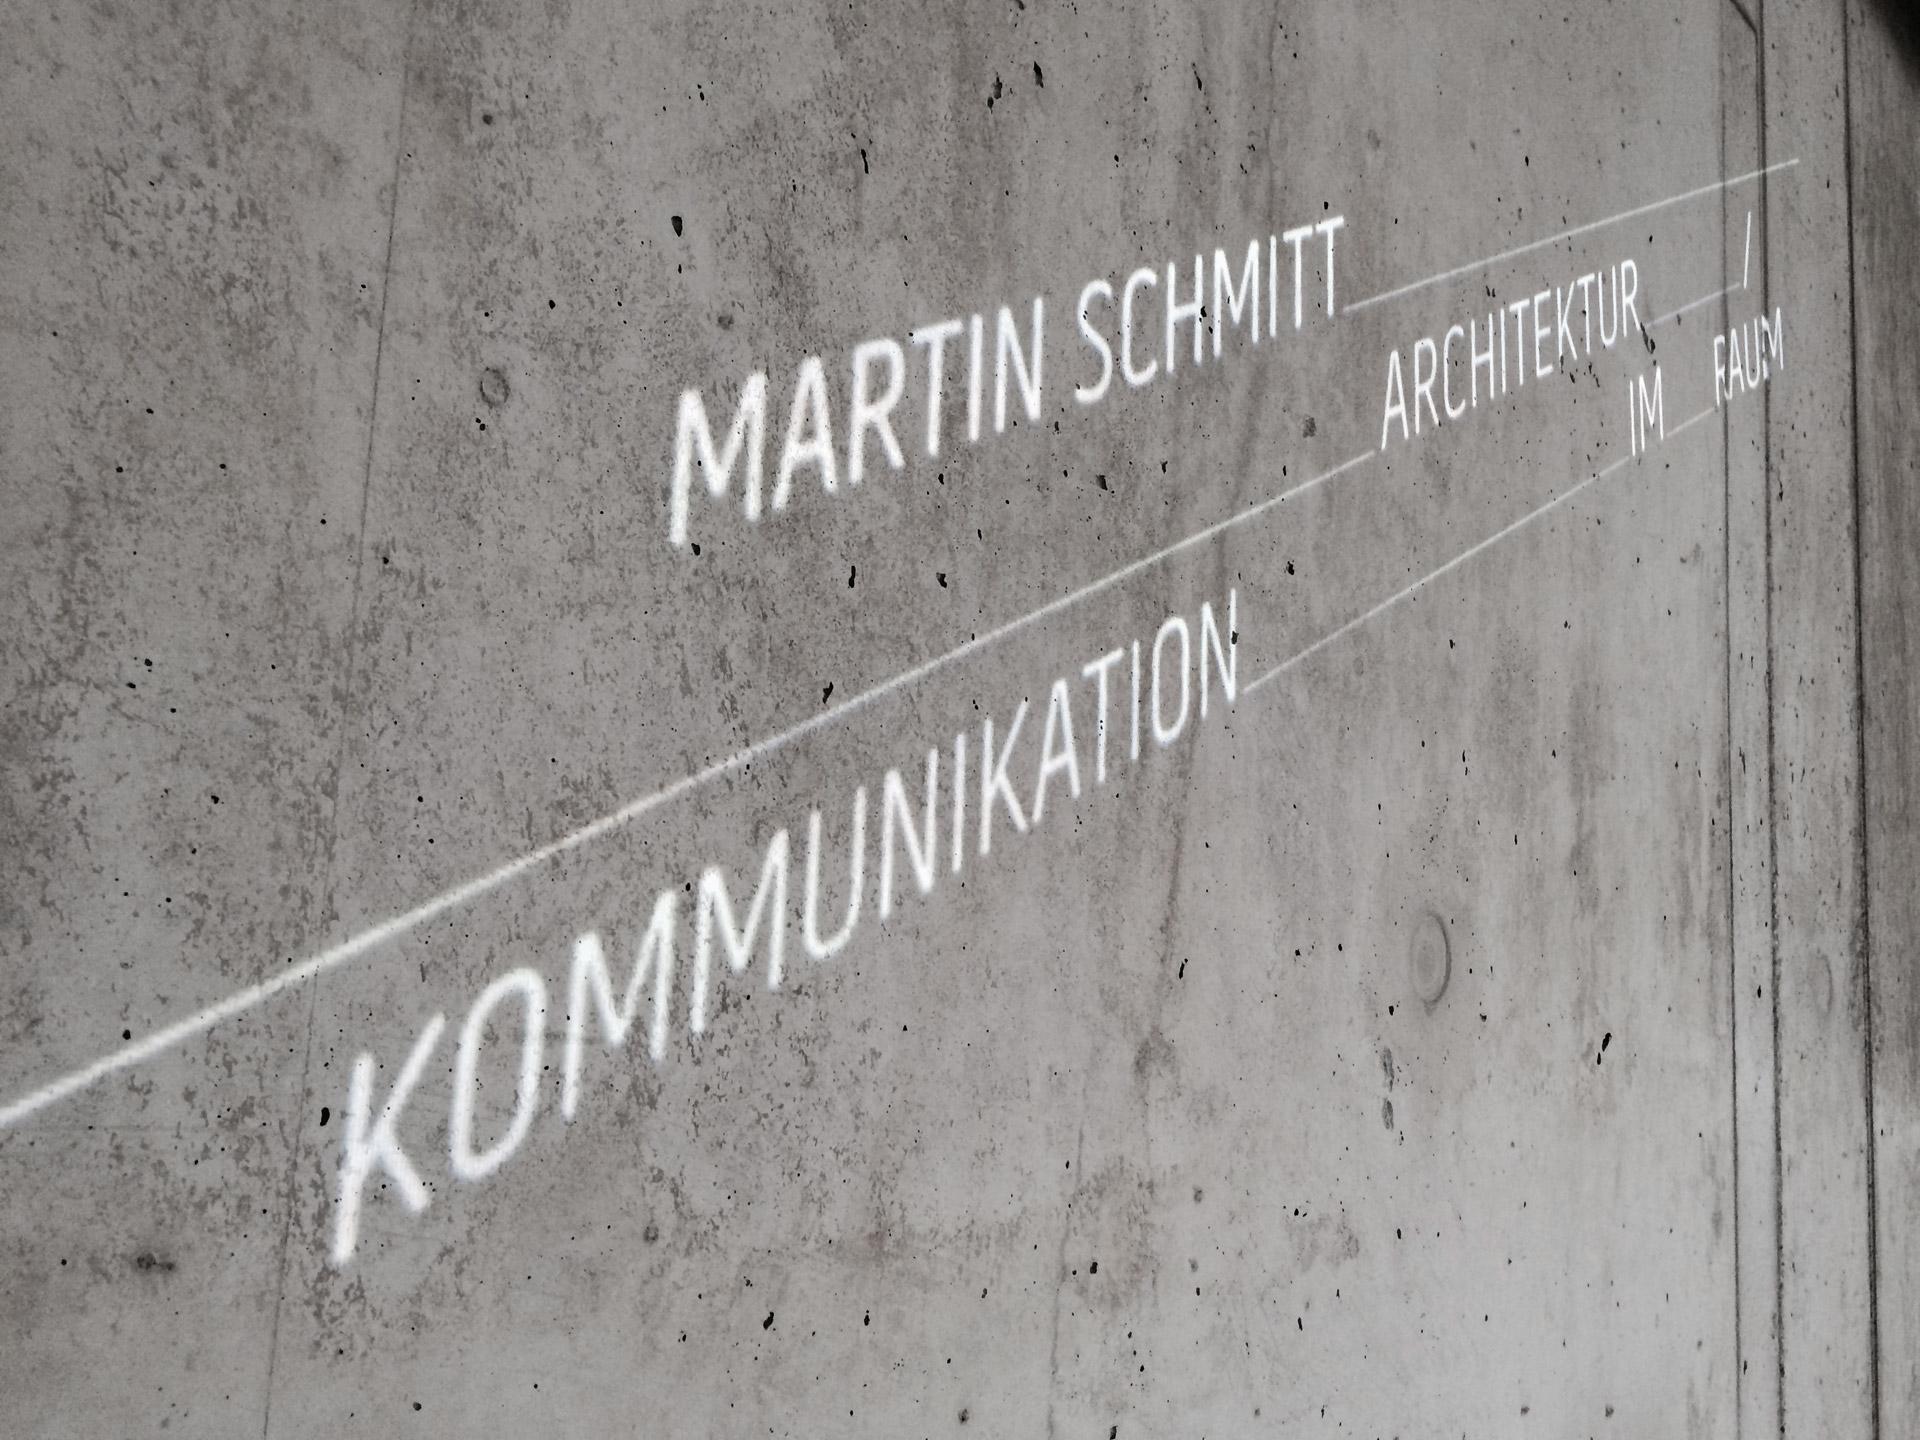 <strong>Martin Schmitt</strong><br>Architektur_/Kommunikation_im_Raum